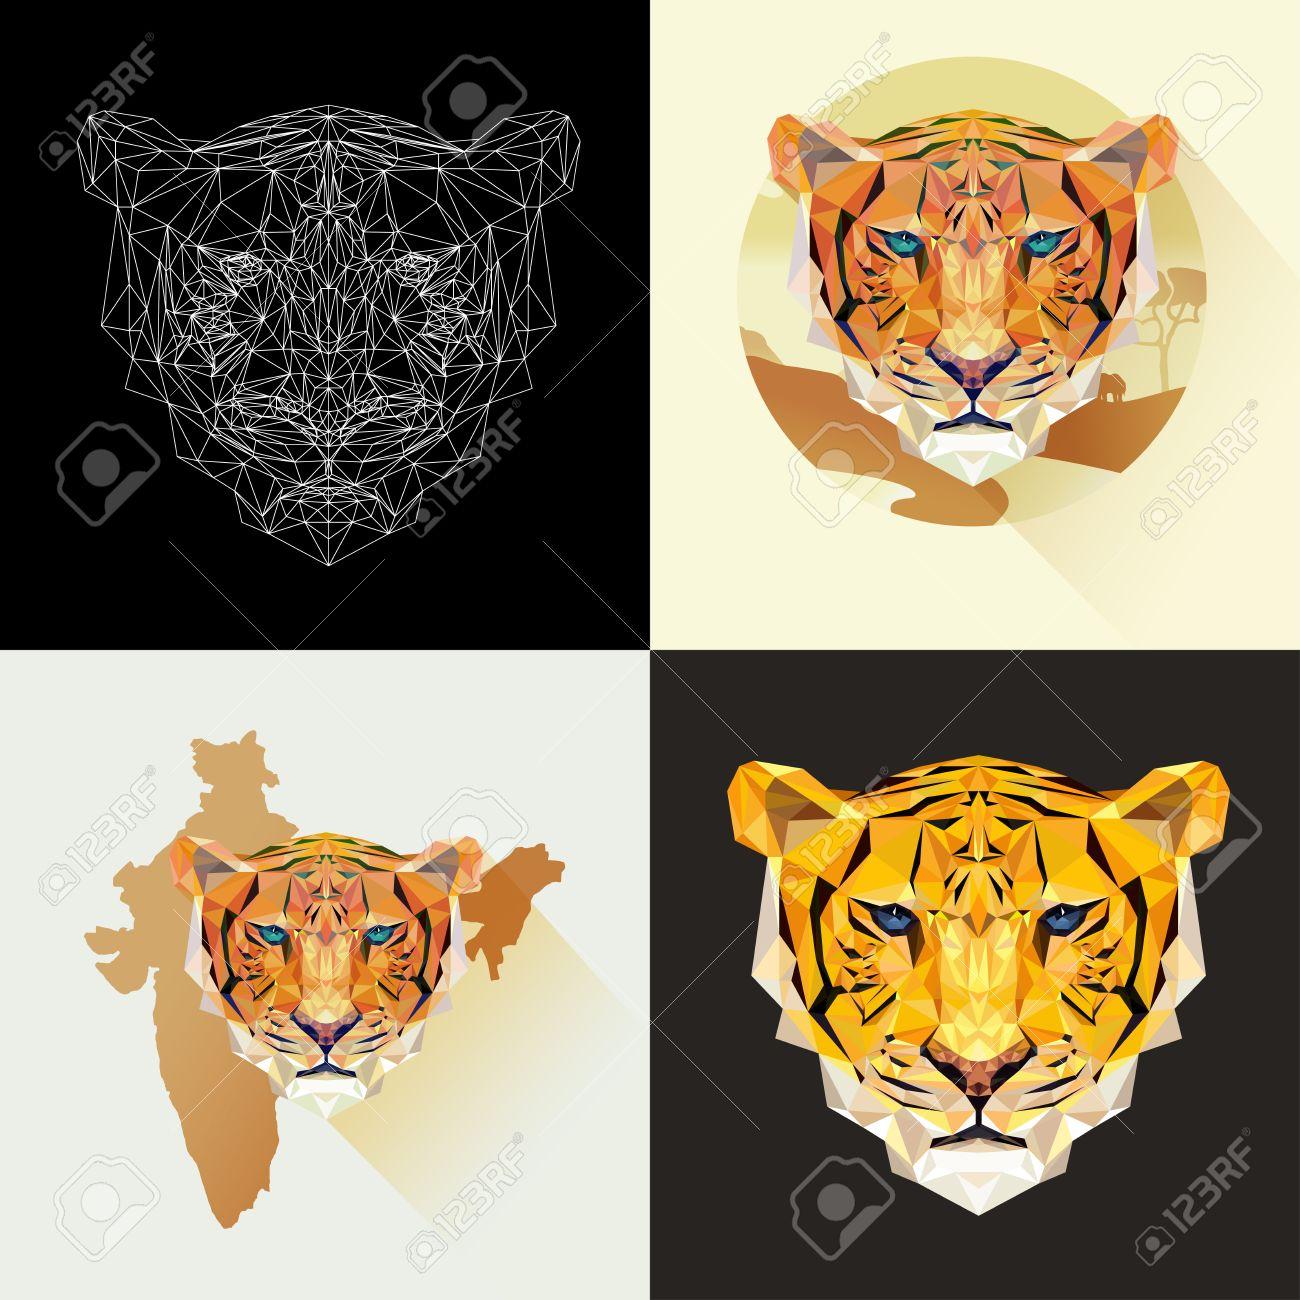 Conjunto de vectores los tigres de estilo poligonal animal depredador cara del tigre para el tatuaje papel pintado cartel y la impresión en camisetas